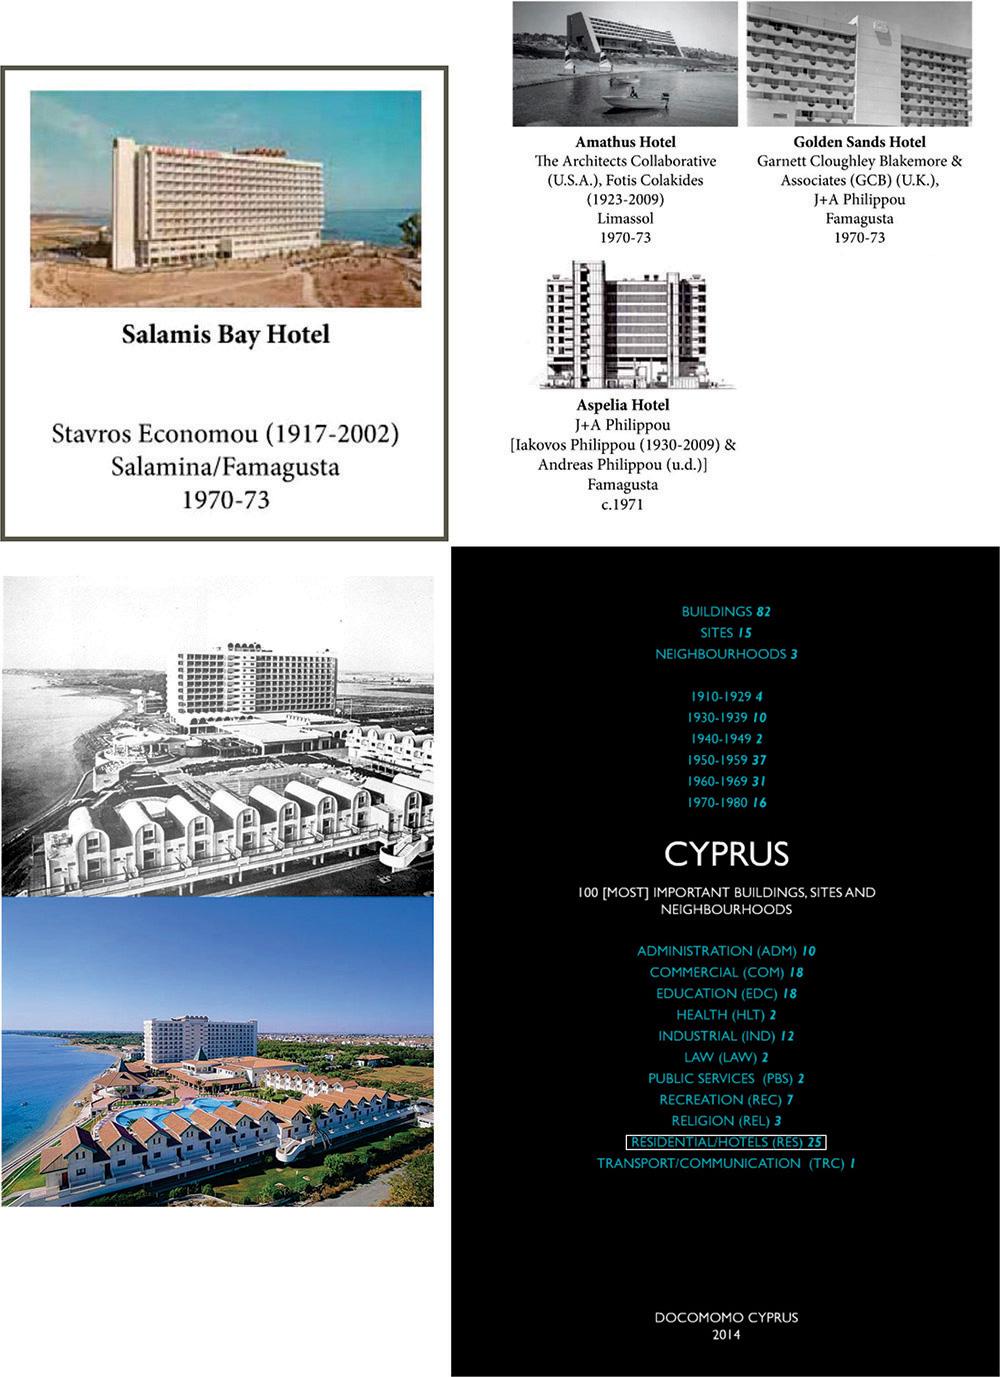 Το Salamis Bay Hotel, όπως δημοσιεύτηκε στη λίστα του κυπριακού do.co.mo.mo μαζί με άλλα τρία σημαντικά παραδείγματα μοντέρνας ξενοδοχειακής αρχιτεκτονικής καθώς και σύγκριση του συγκροτήματος πριν και μετά τις αχρονολόγητες (μετά το 1974) παρεμβάσεις.